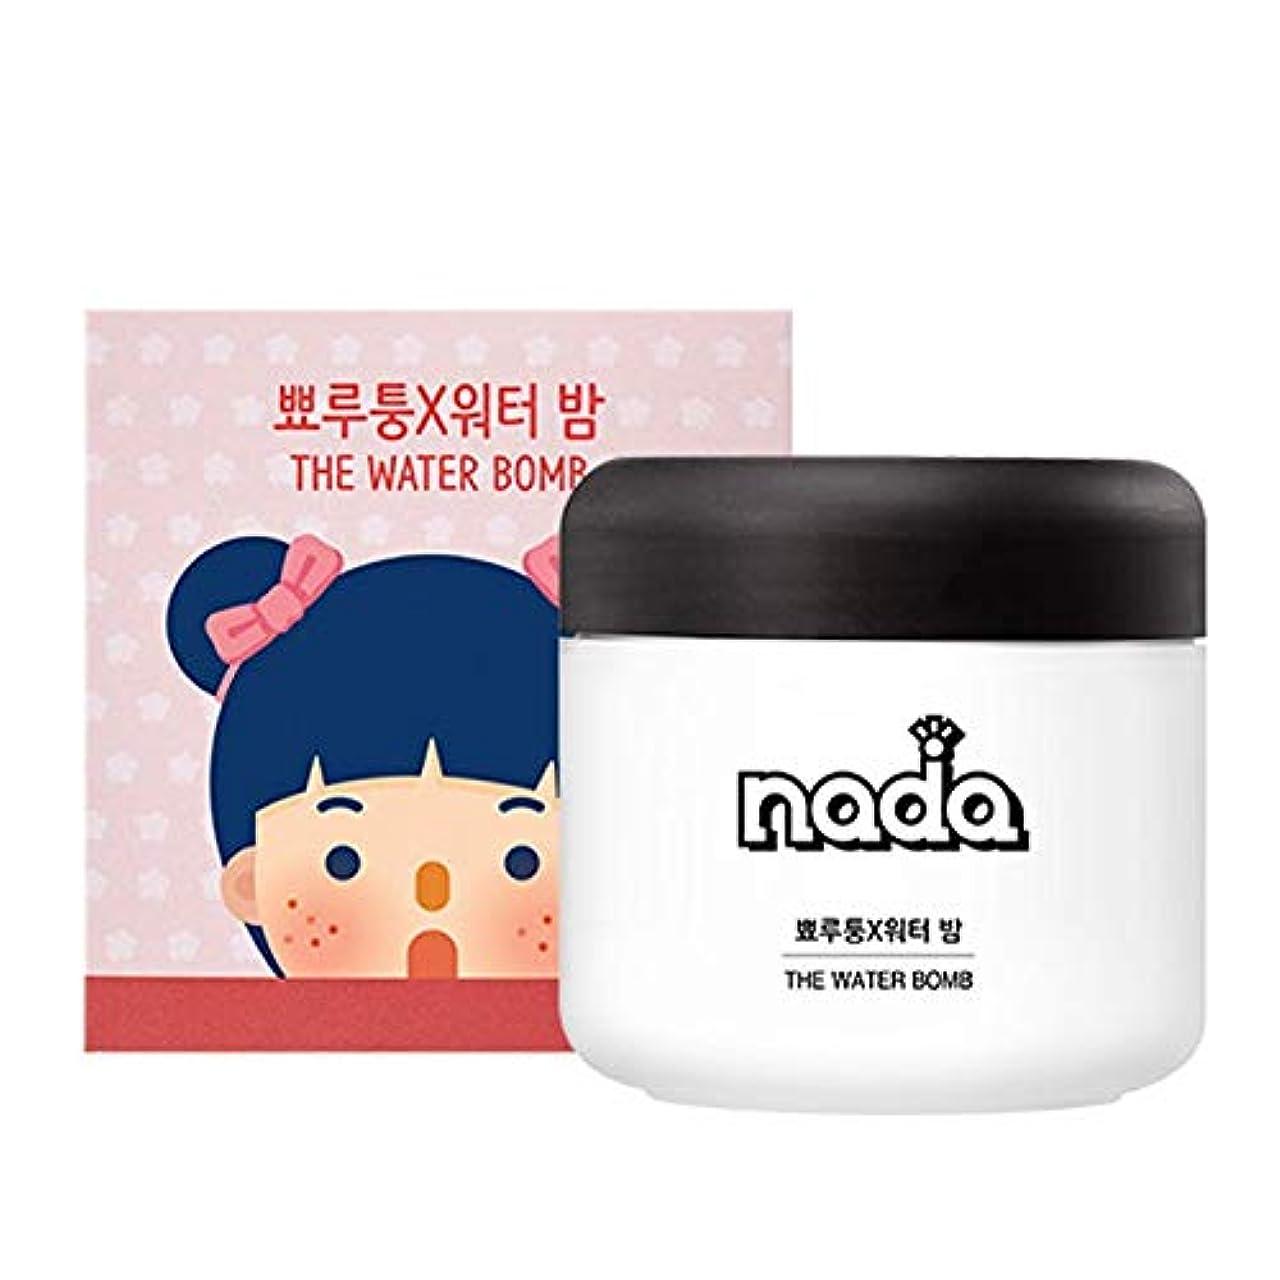 形状酔う備品BEST韓国水爆弾50グラムモイスチャライジングフェイスクリームケア寧アンチリンクル化粧品NADA